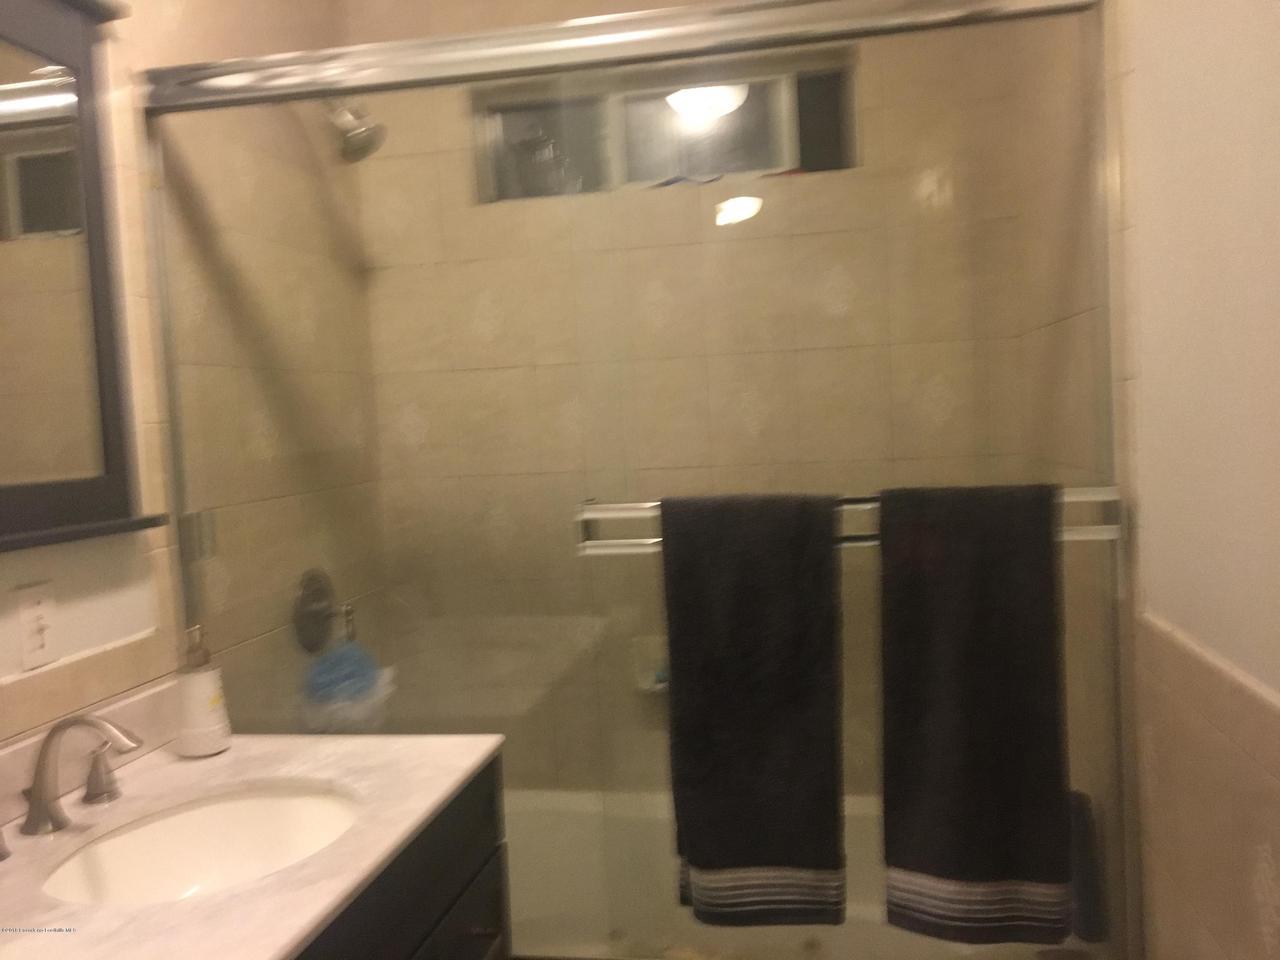 1724 NEWPORT, Pasadena, CA 91103 - C & A MASTER BATHROOM 2